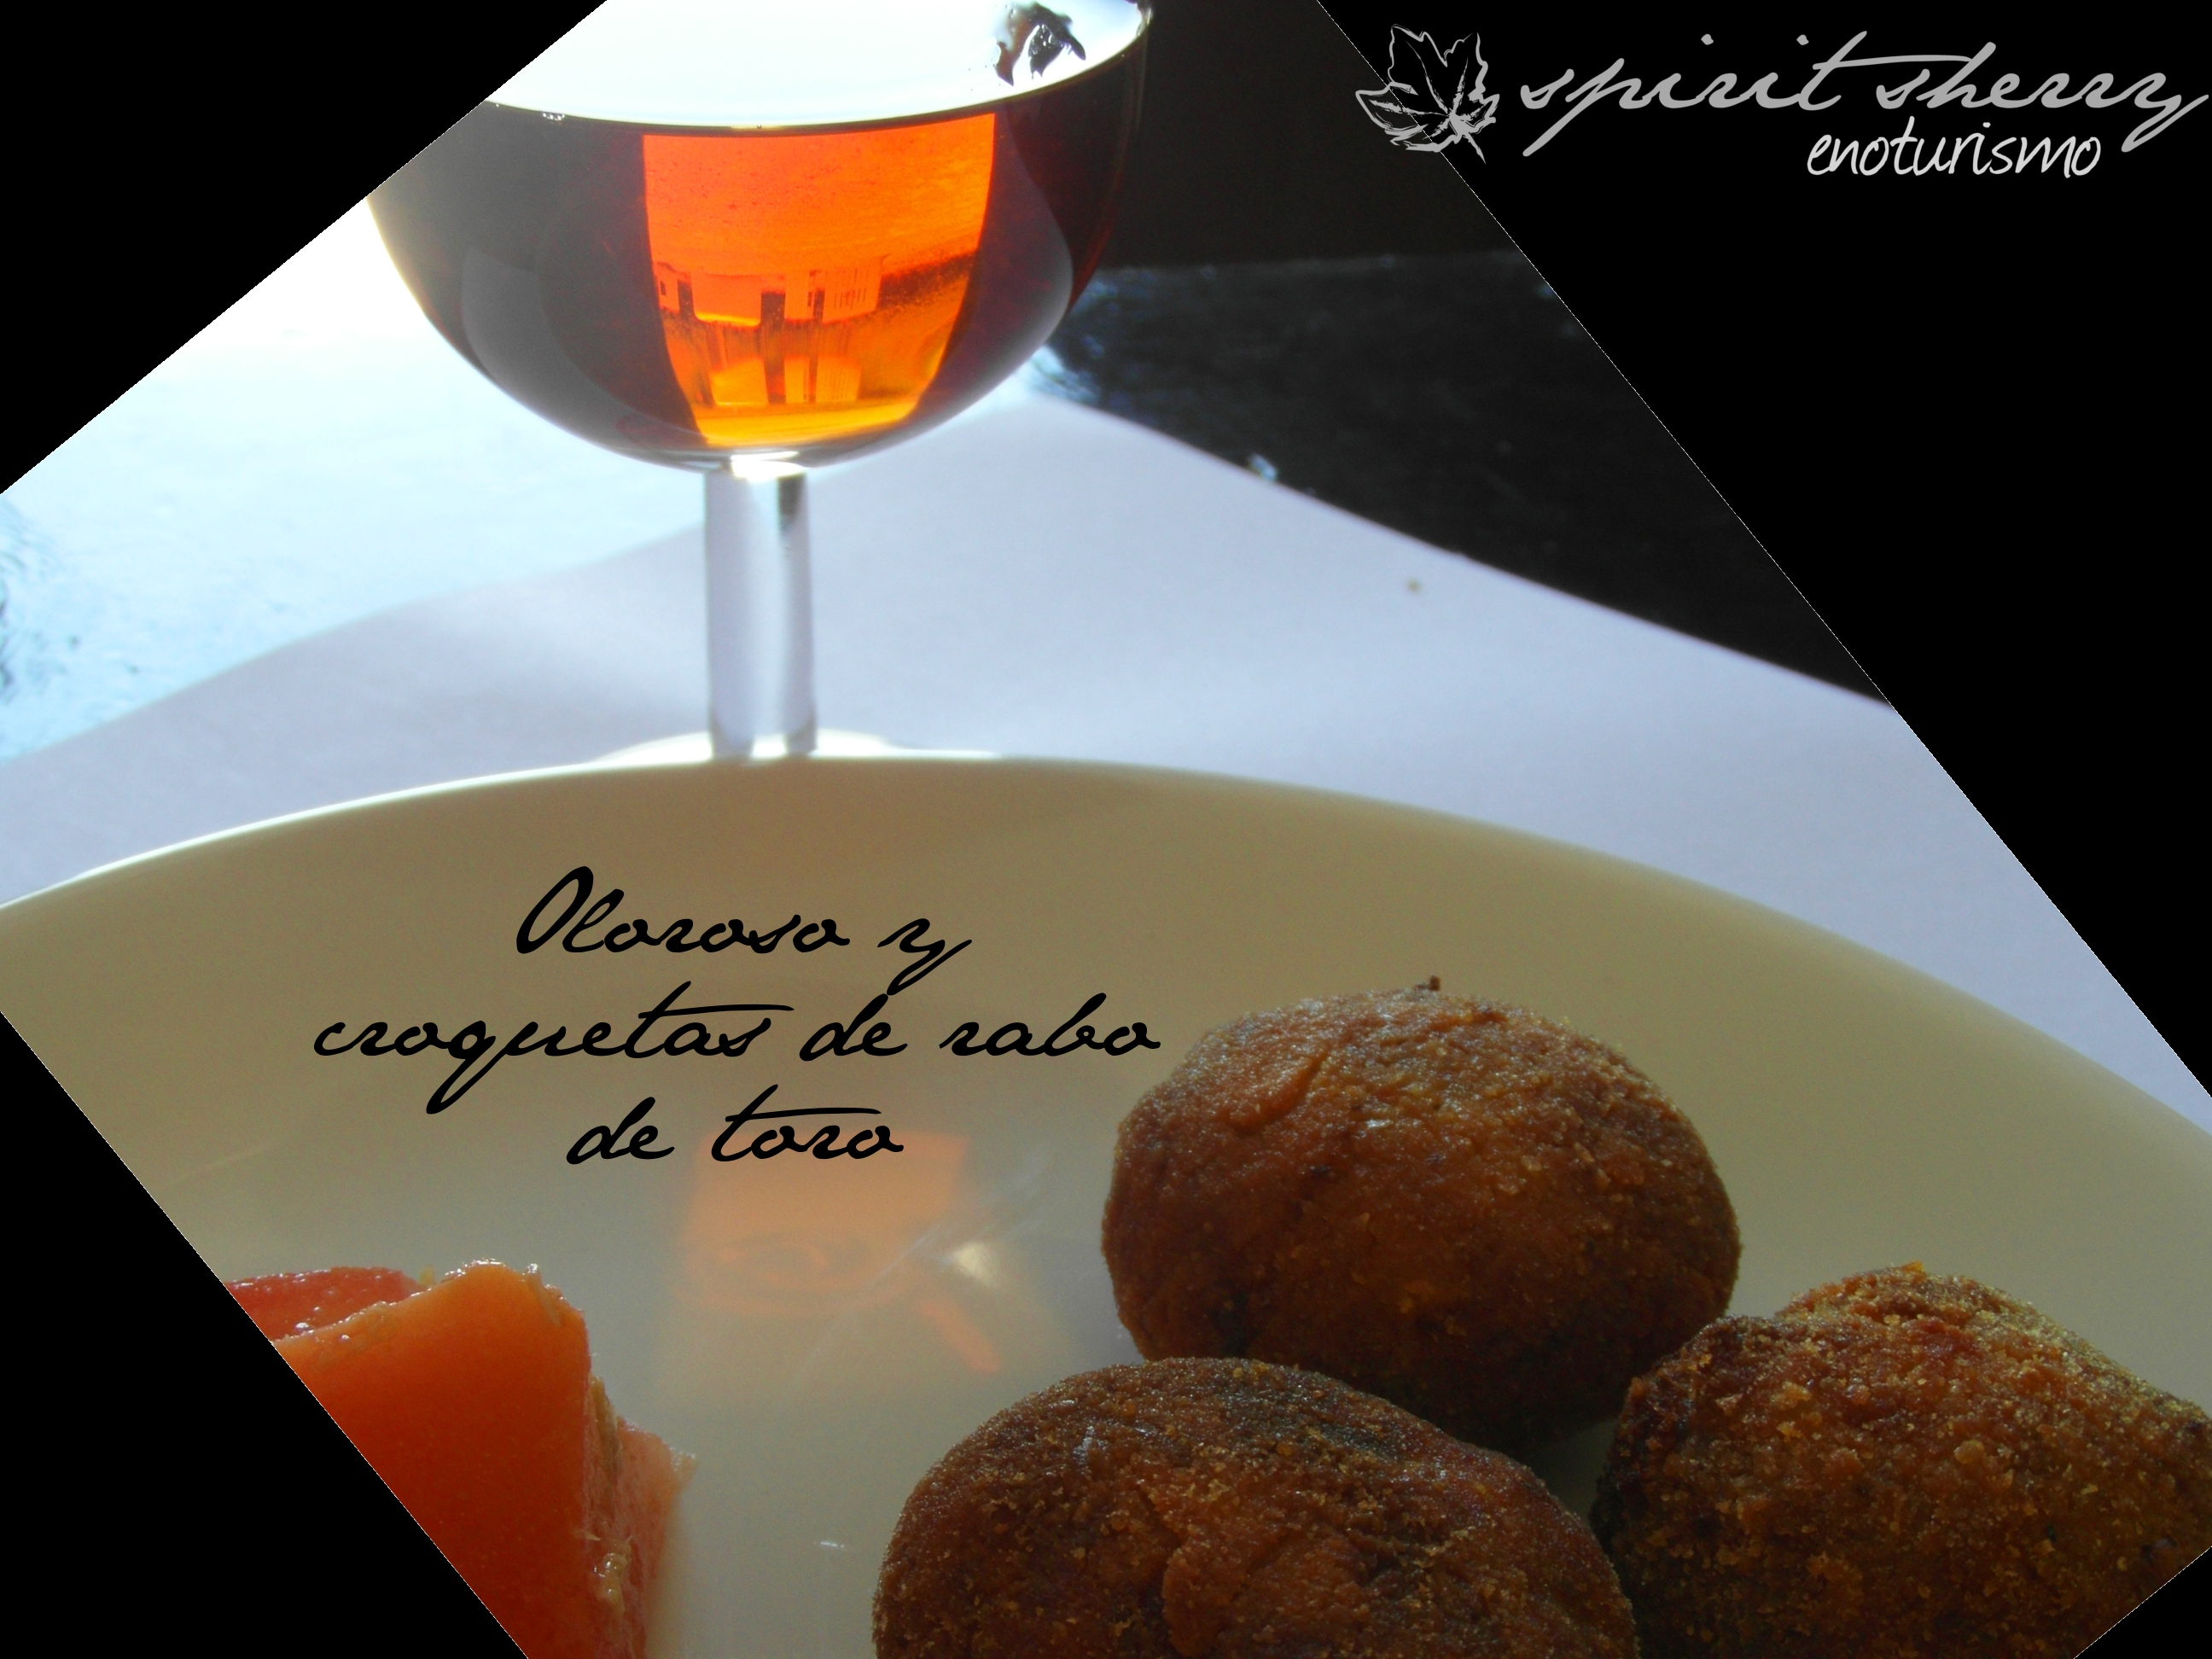 MAridaje oloroso y crequetas de rabo de toro, enoturismo spirit sherry, Jerez